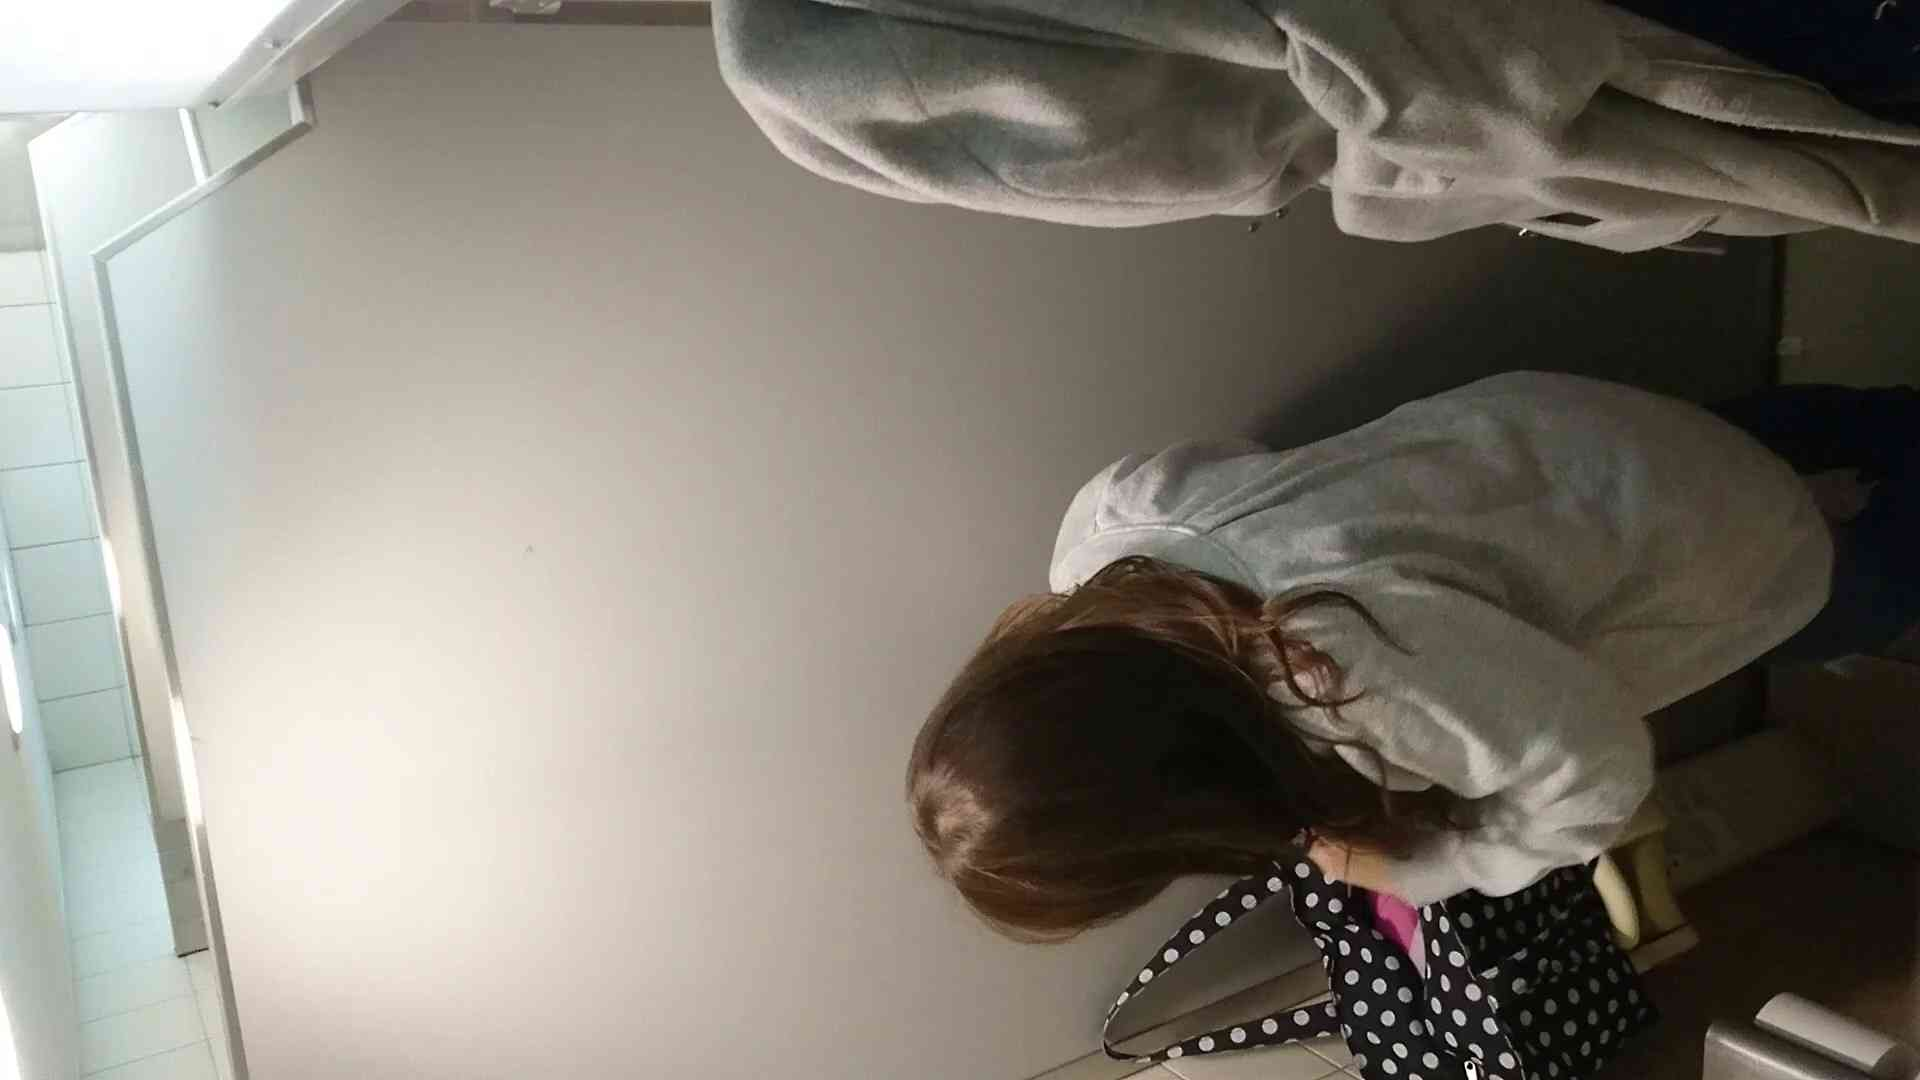 無料アダルト動画:化粧室絵巻 ショッピングモール編 VOL.11:怪盗ジョーカー